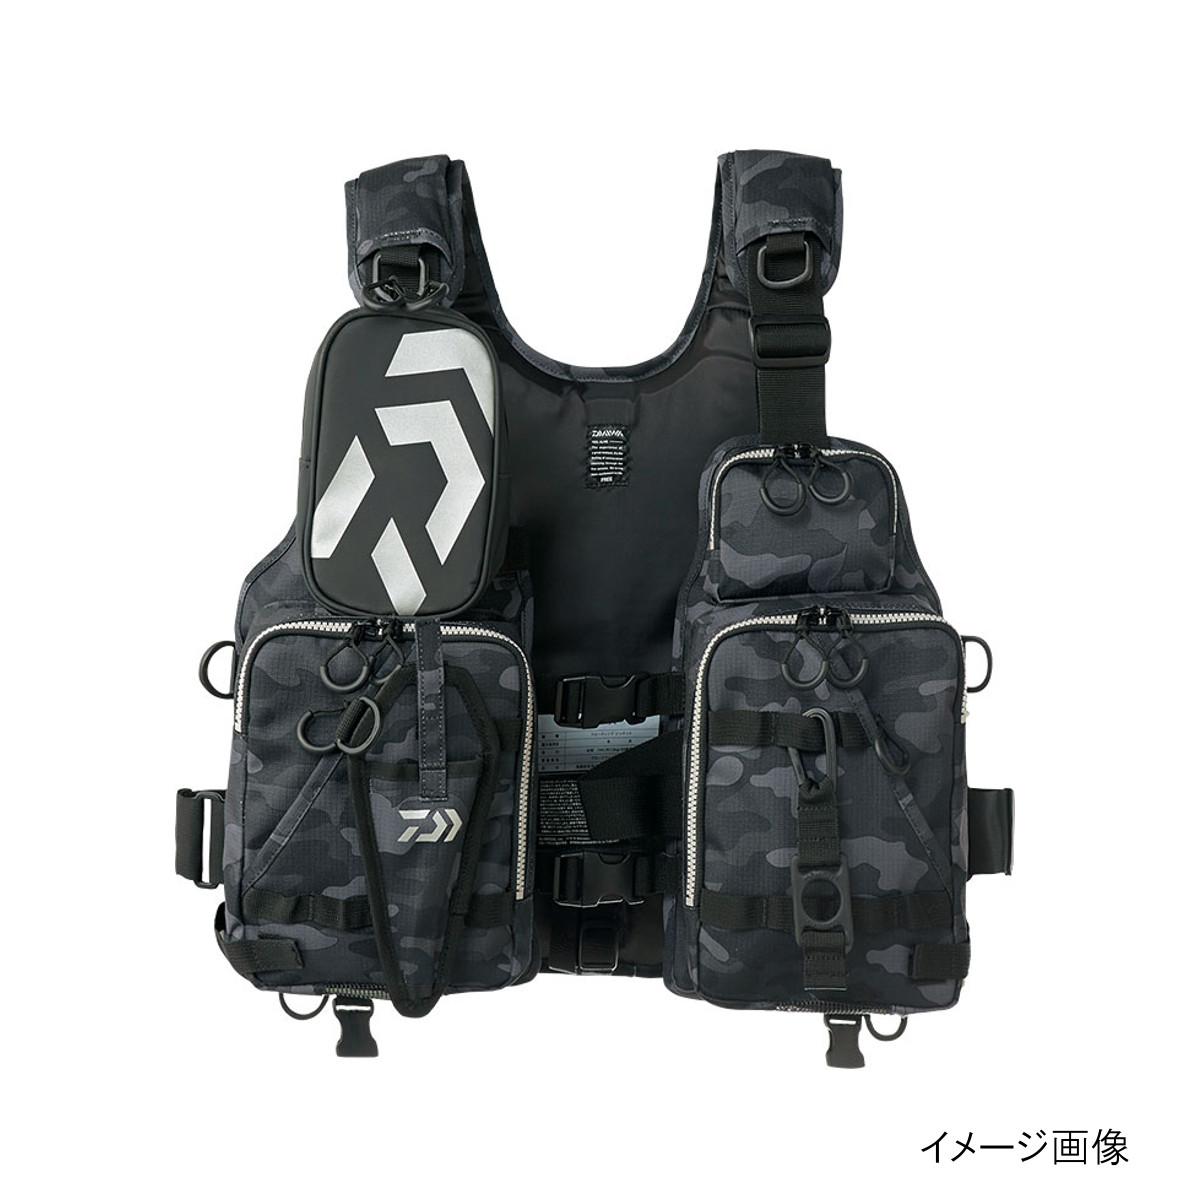 ダイワ フロートゲームベスト DF-6206 ブラックカモ【送料無料】